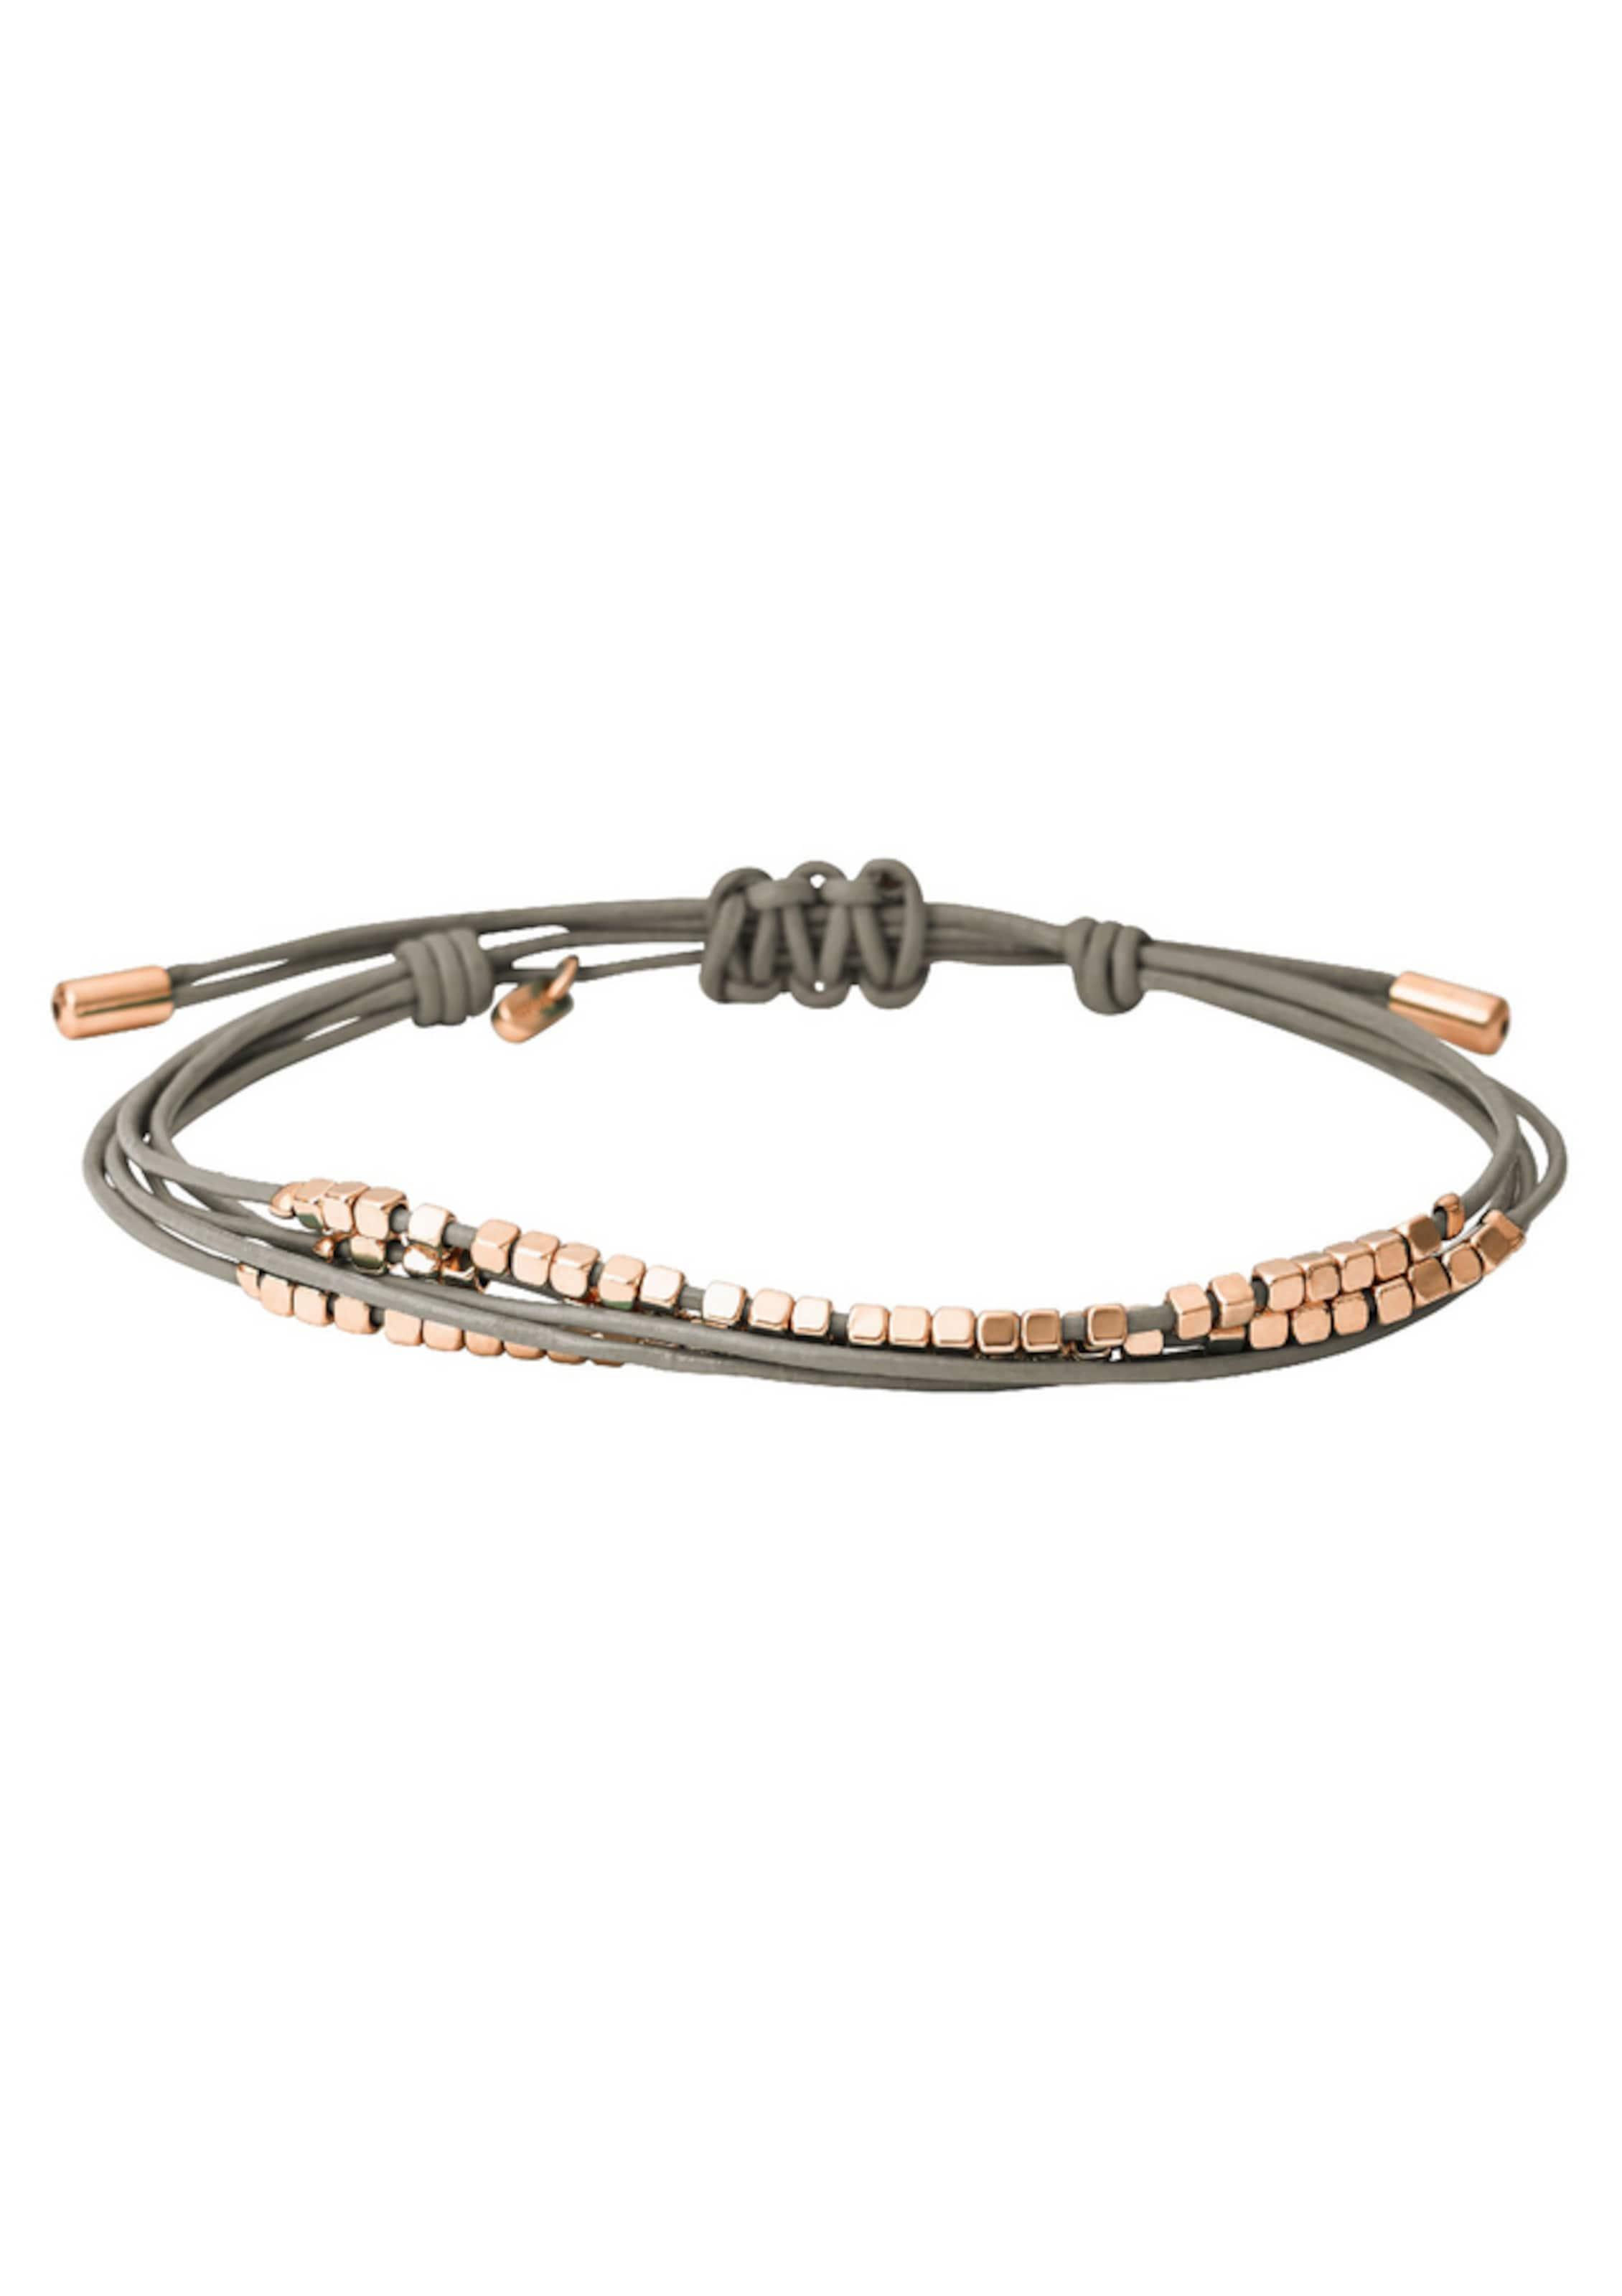 FOSSIL Armband Billig Kaufen Bestellen Freies Verschiffen In Deutschland Spielraum Top-Qualität Mit Kreditkarte Günstigem Preis u65O4z9TwI